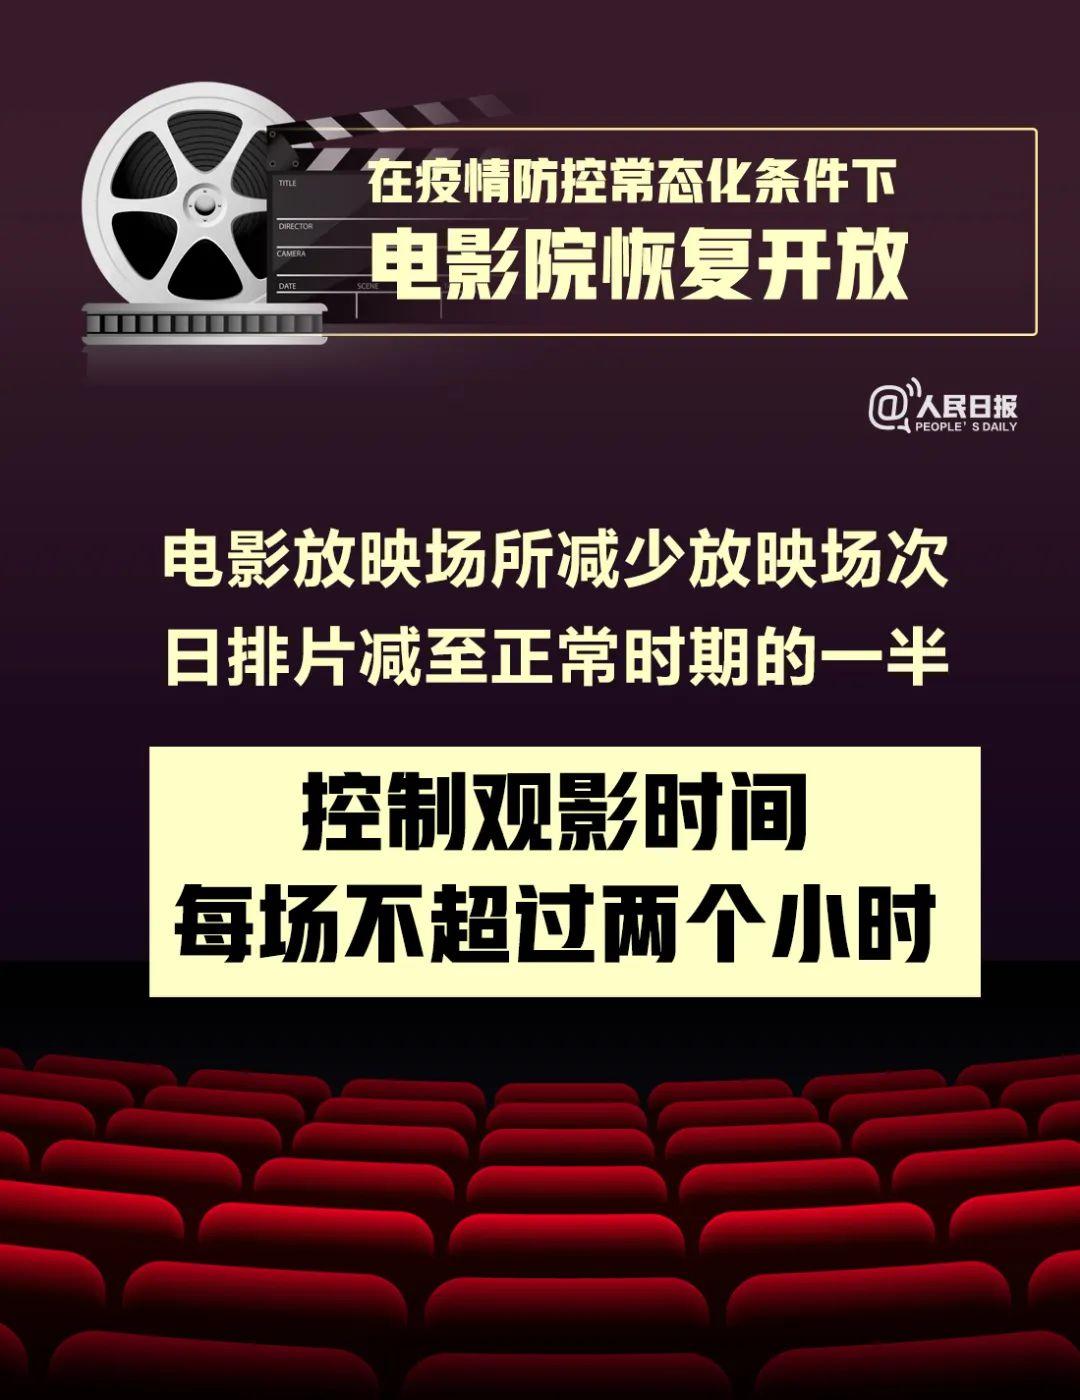 聂白焰中选为重庆万州区国民当局区少